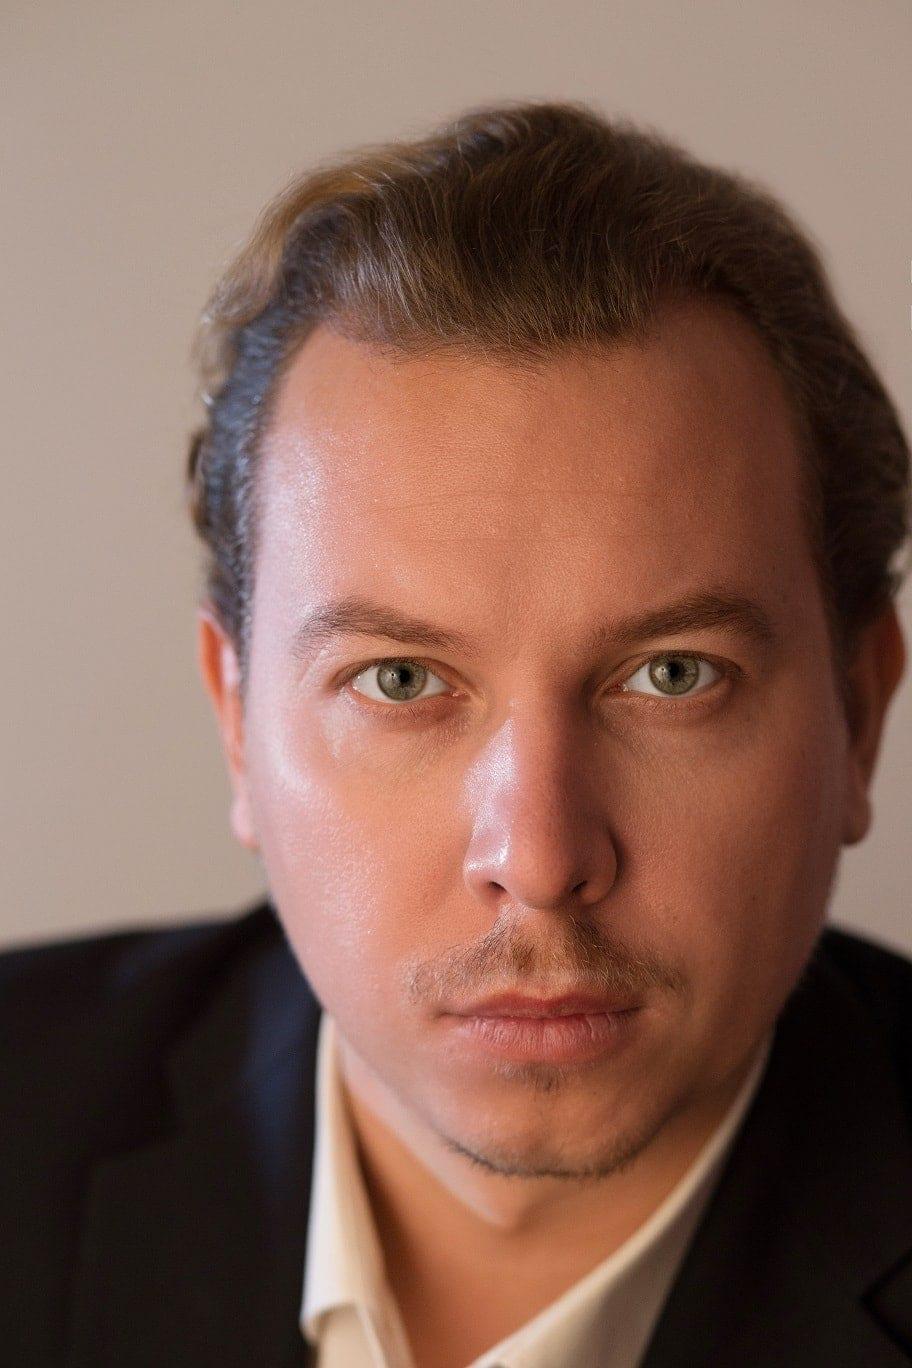 Алексей Богданчиков. Фото - Антонина Северова